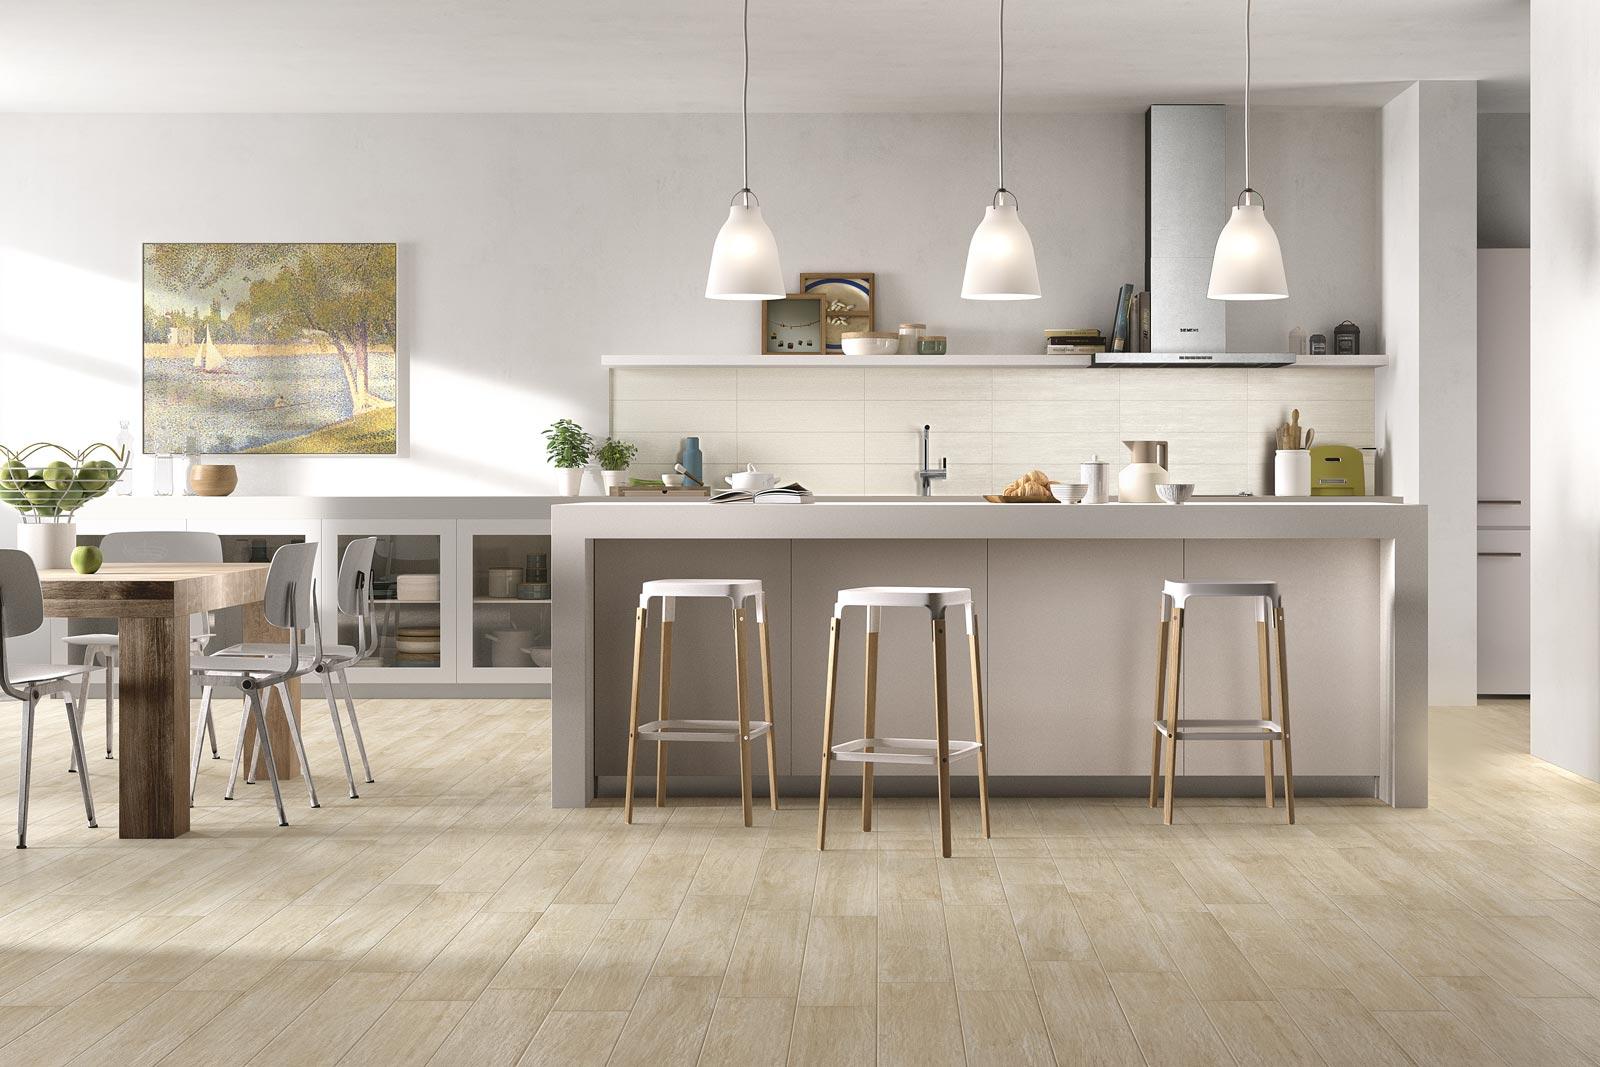 Kitchen Flooring versatility and elegance  Ragno